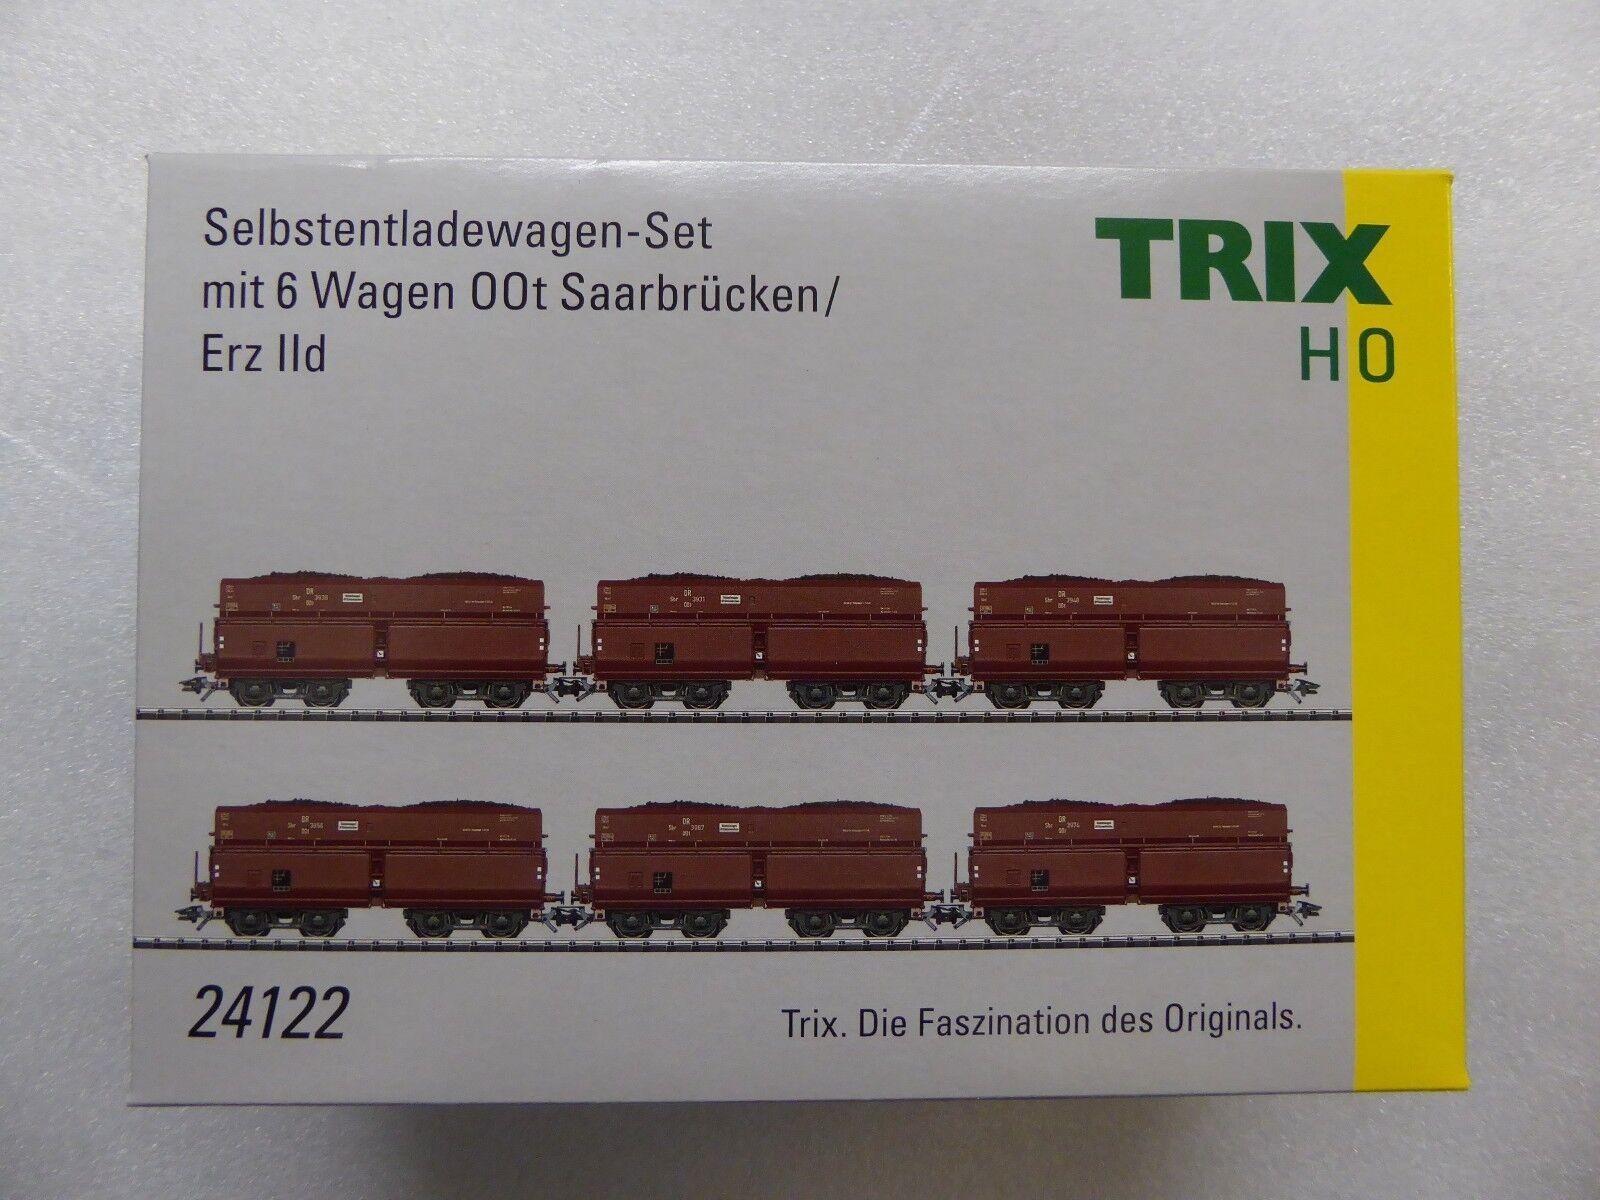 Trix 24122 stesso autorello sautoicoSet con 6 autori minerali IID h0 corrente continua DC Merce Nuova